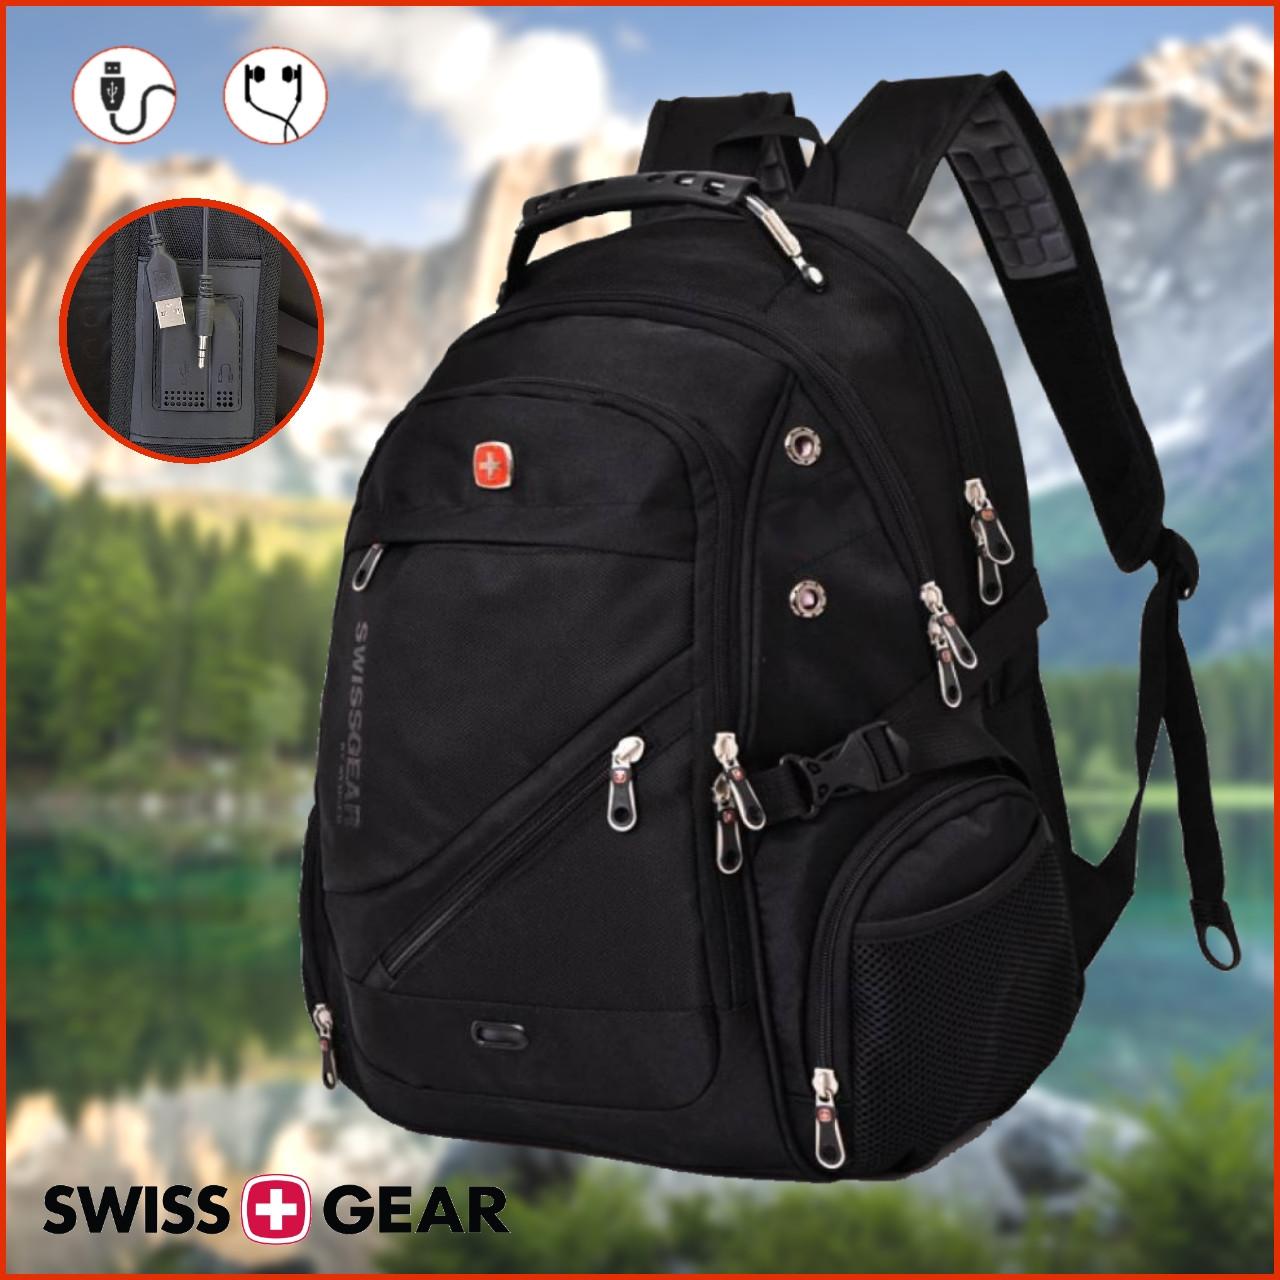 Швейцарський міської рюкзак SWISSGEAR з ортопедичною спинкою / водонепроникний репліка